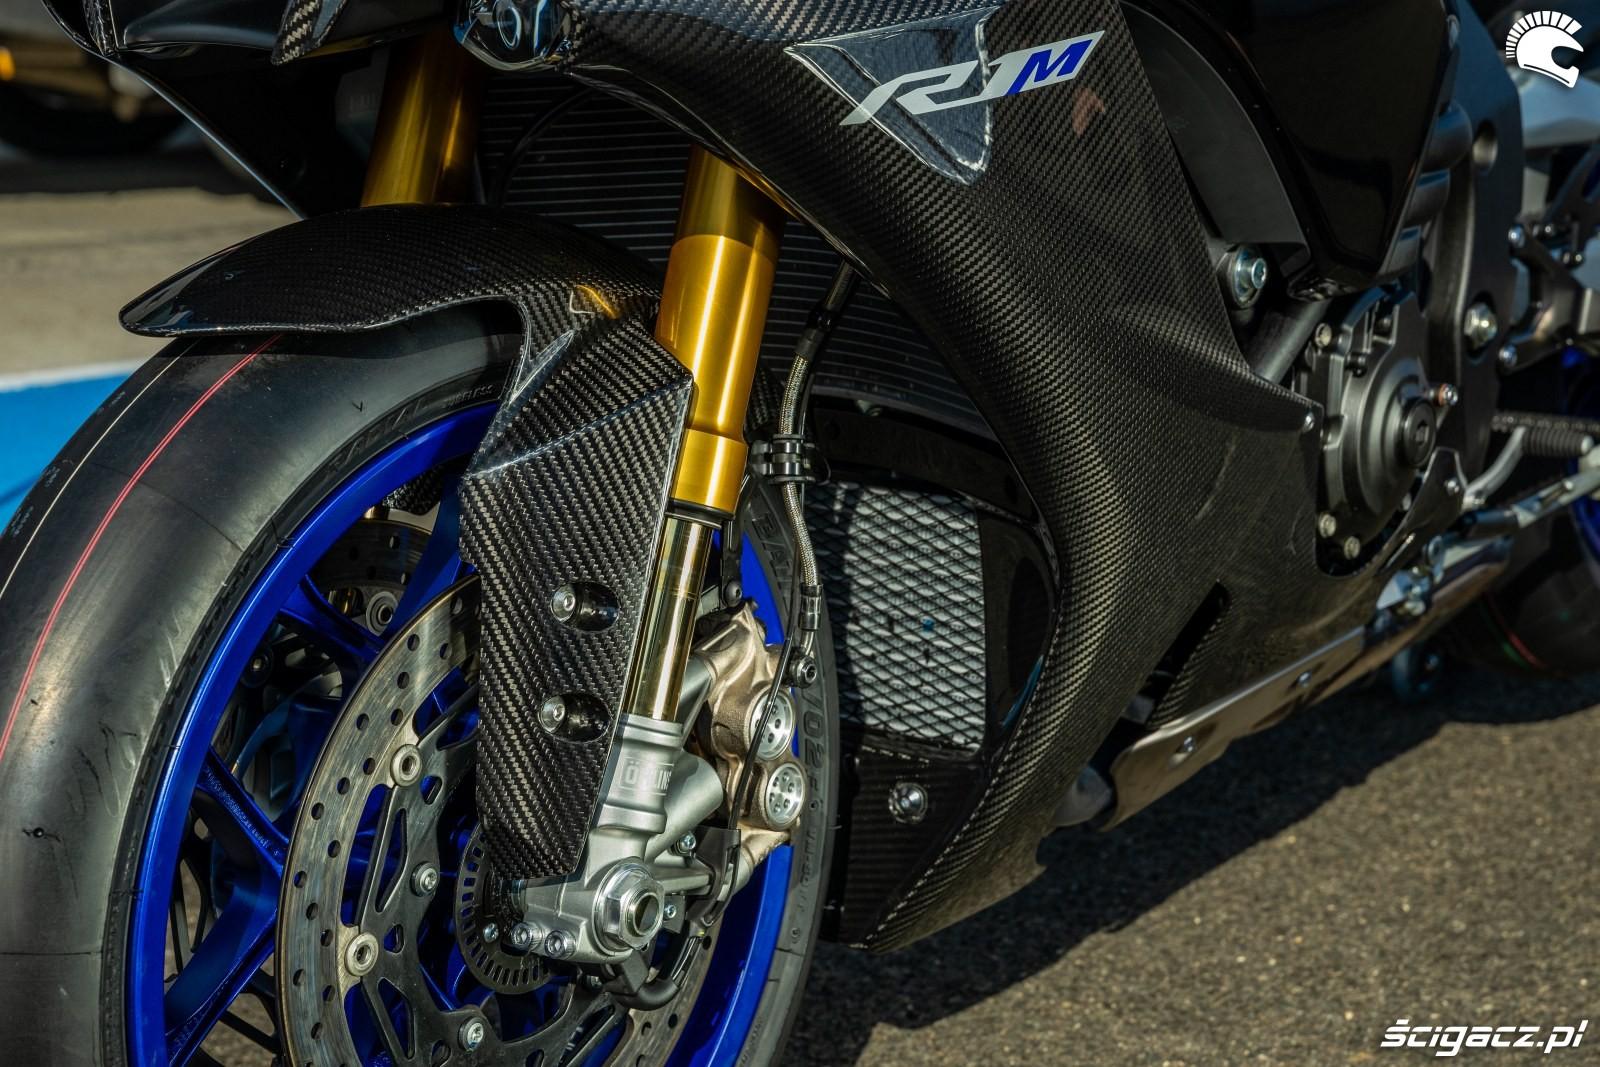 Yamaha R1 M 2020 detale 20